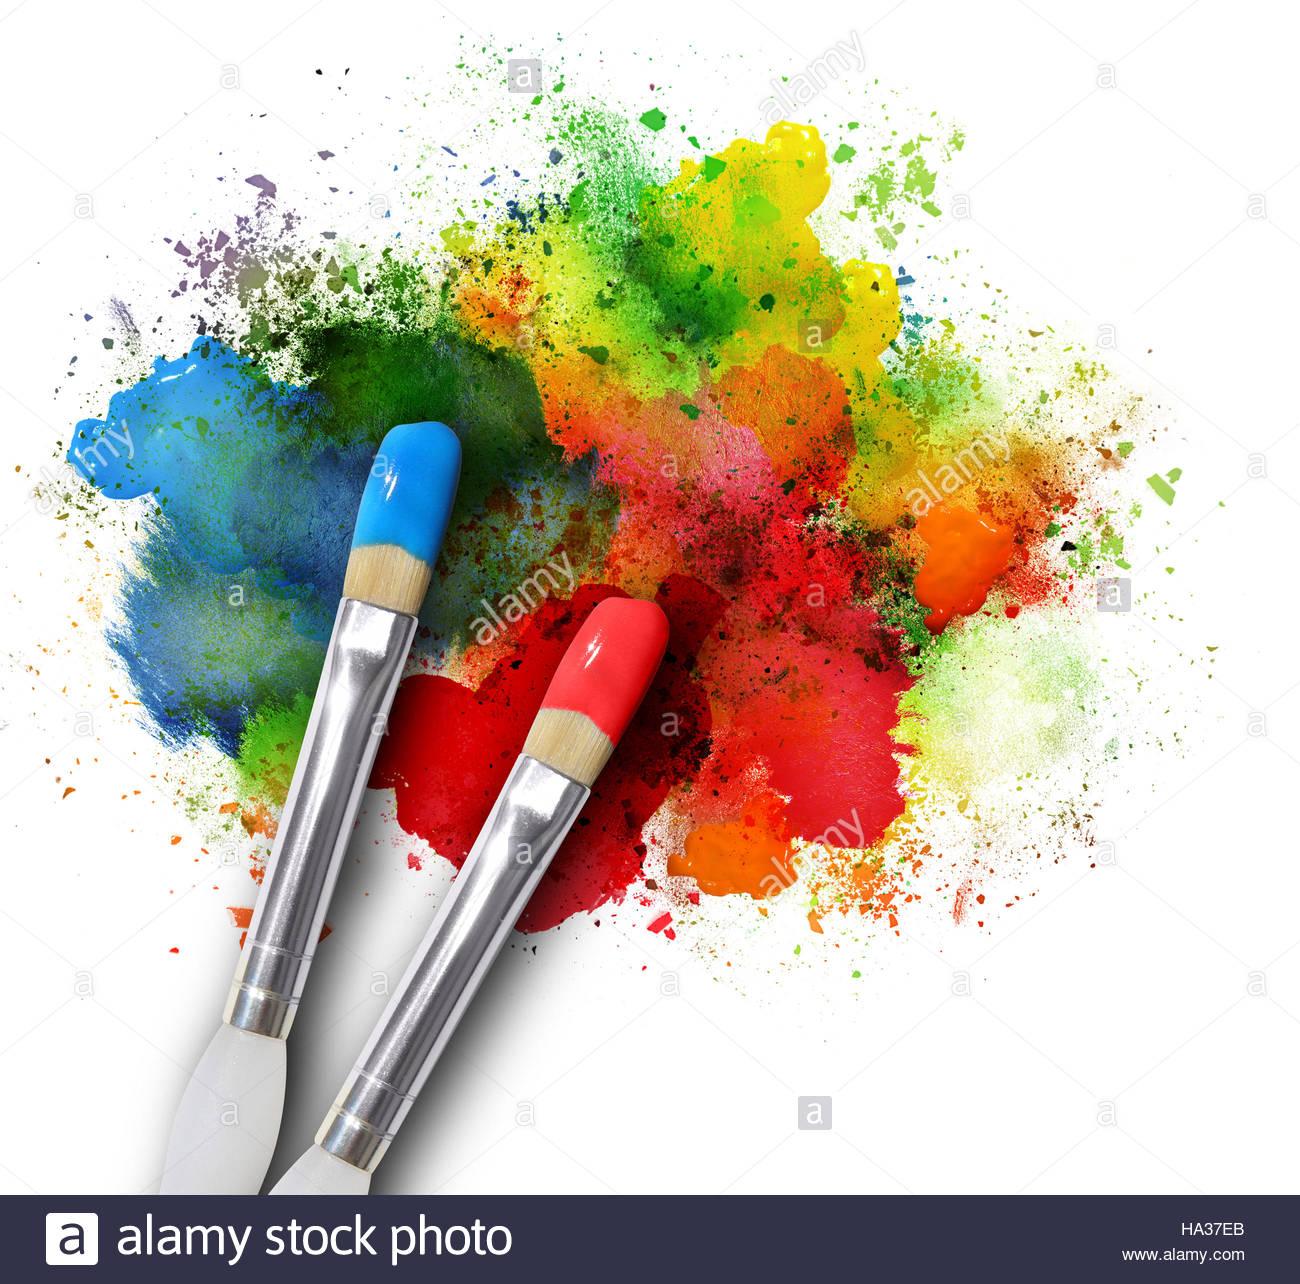 Paint Brush Grpahic